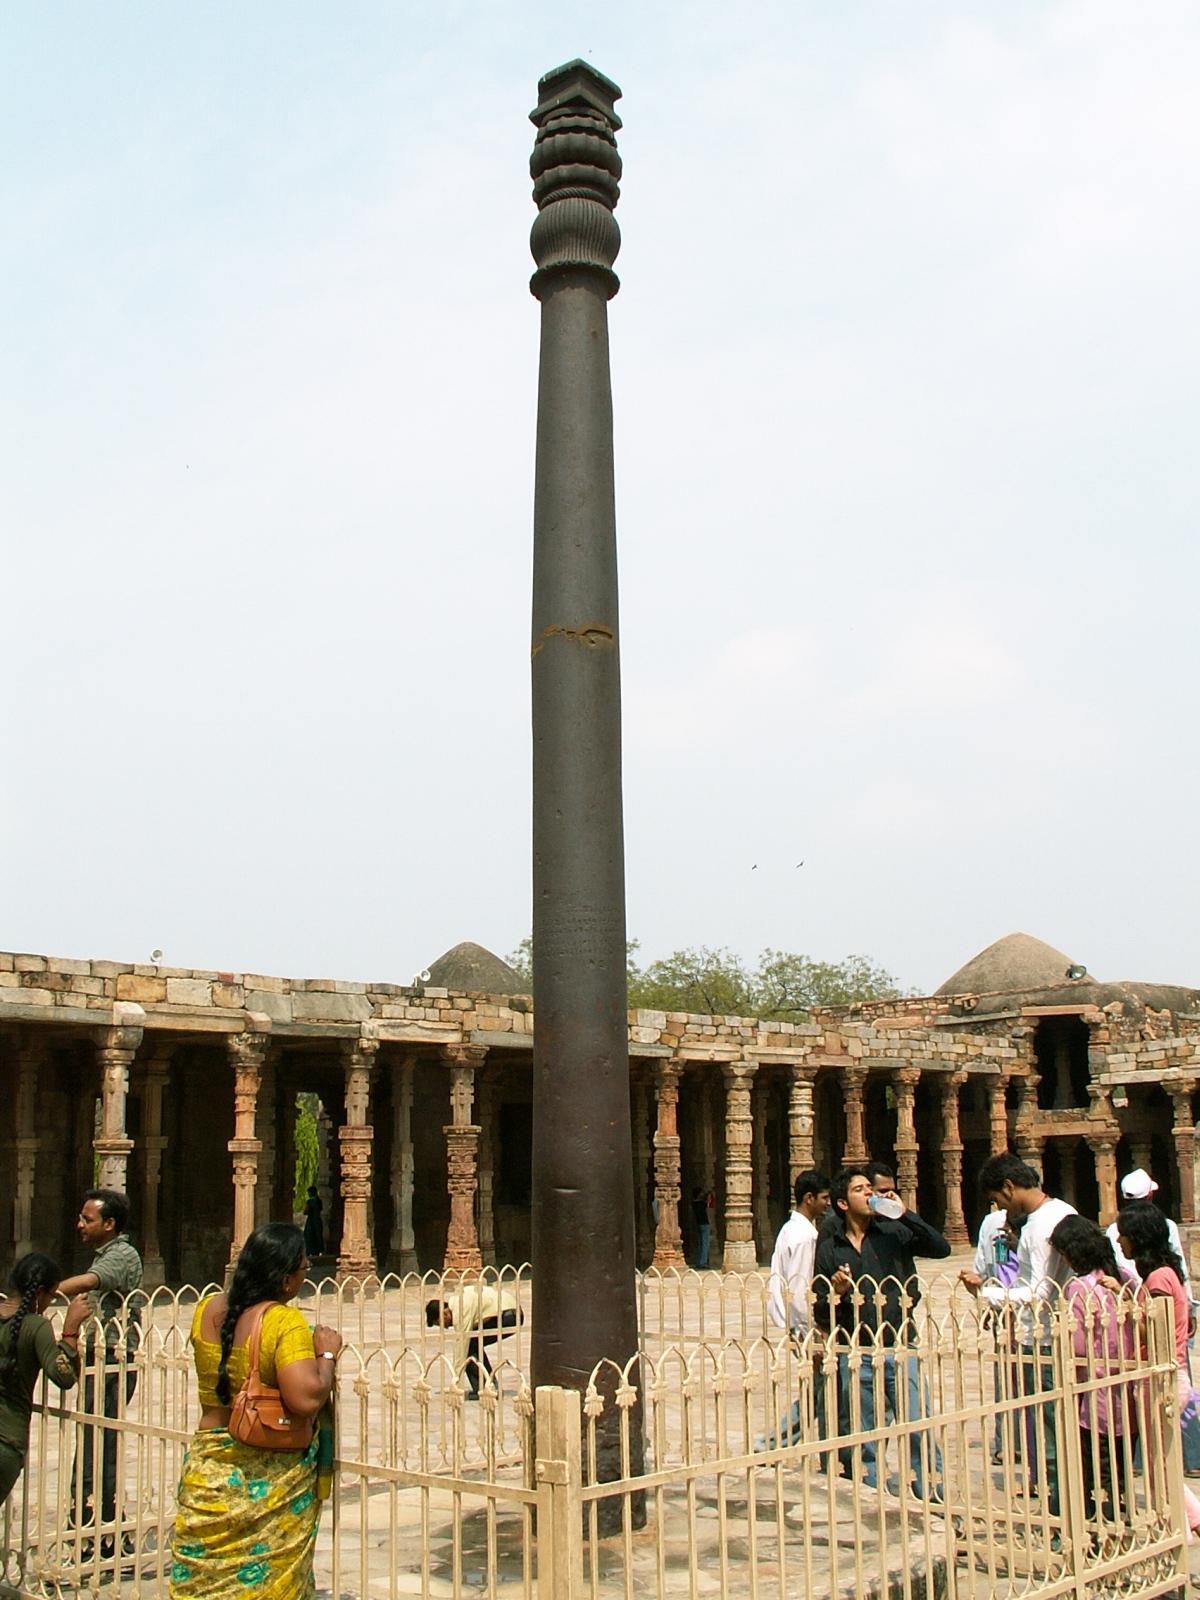 Qutub minar iron pillar